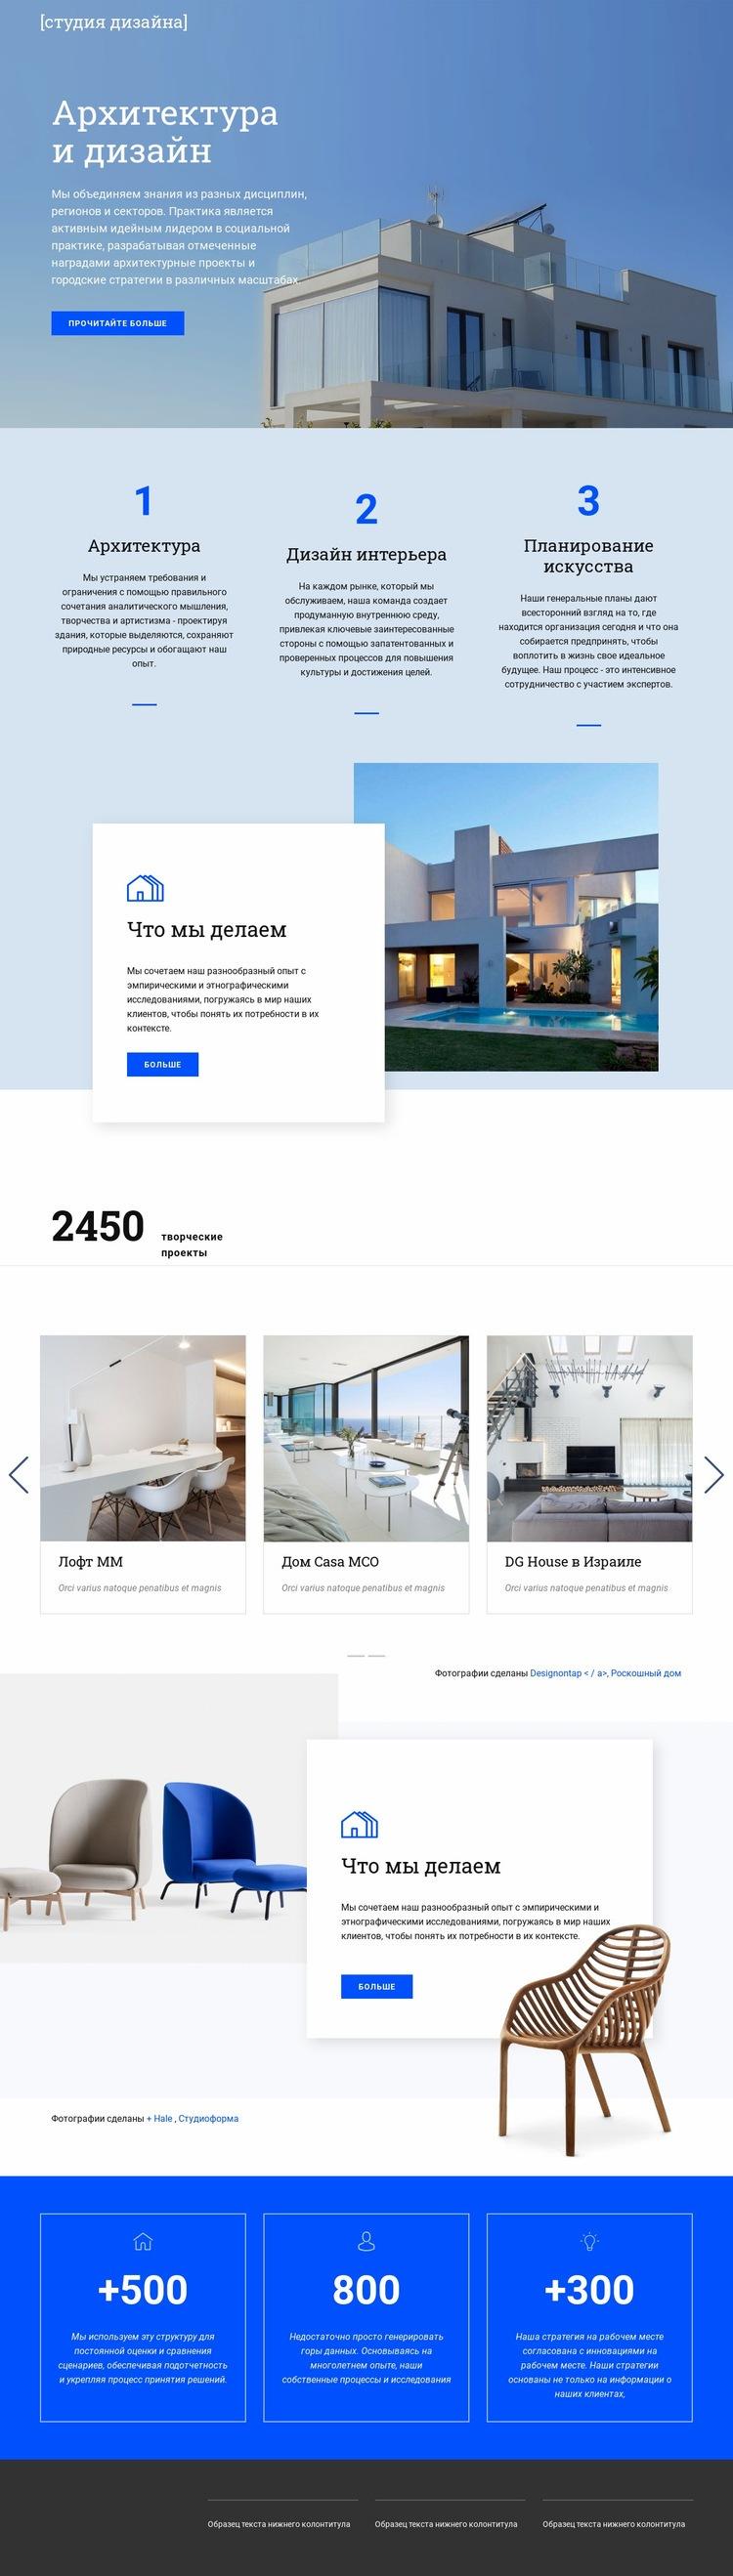 Архитектура и дизайн Шаблон веб-сайта